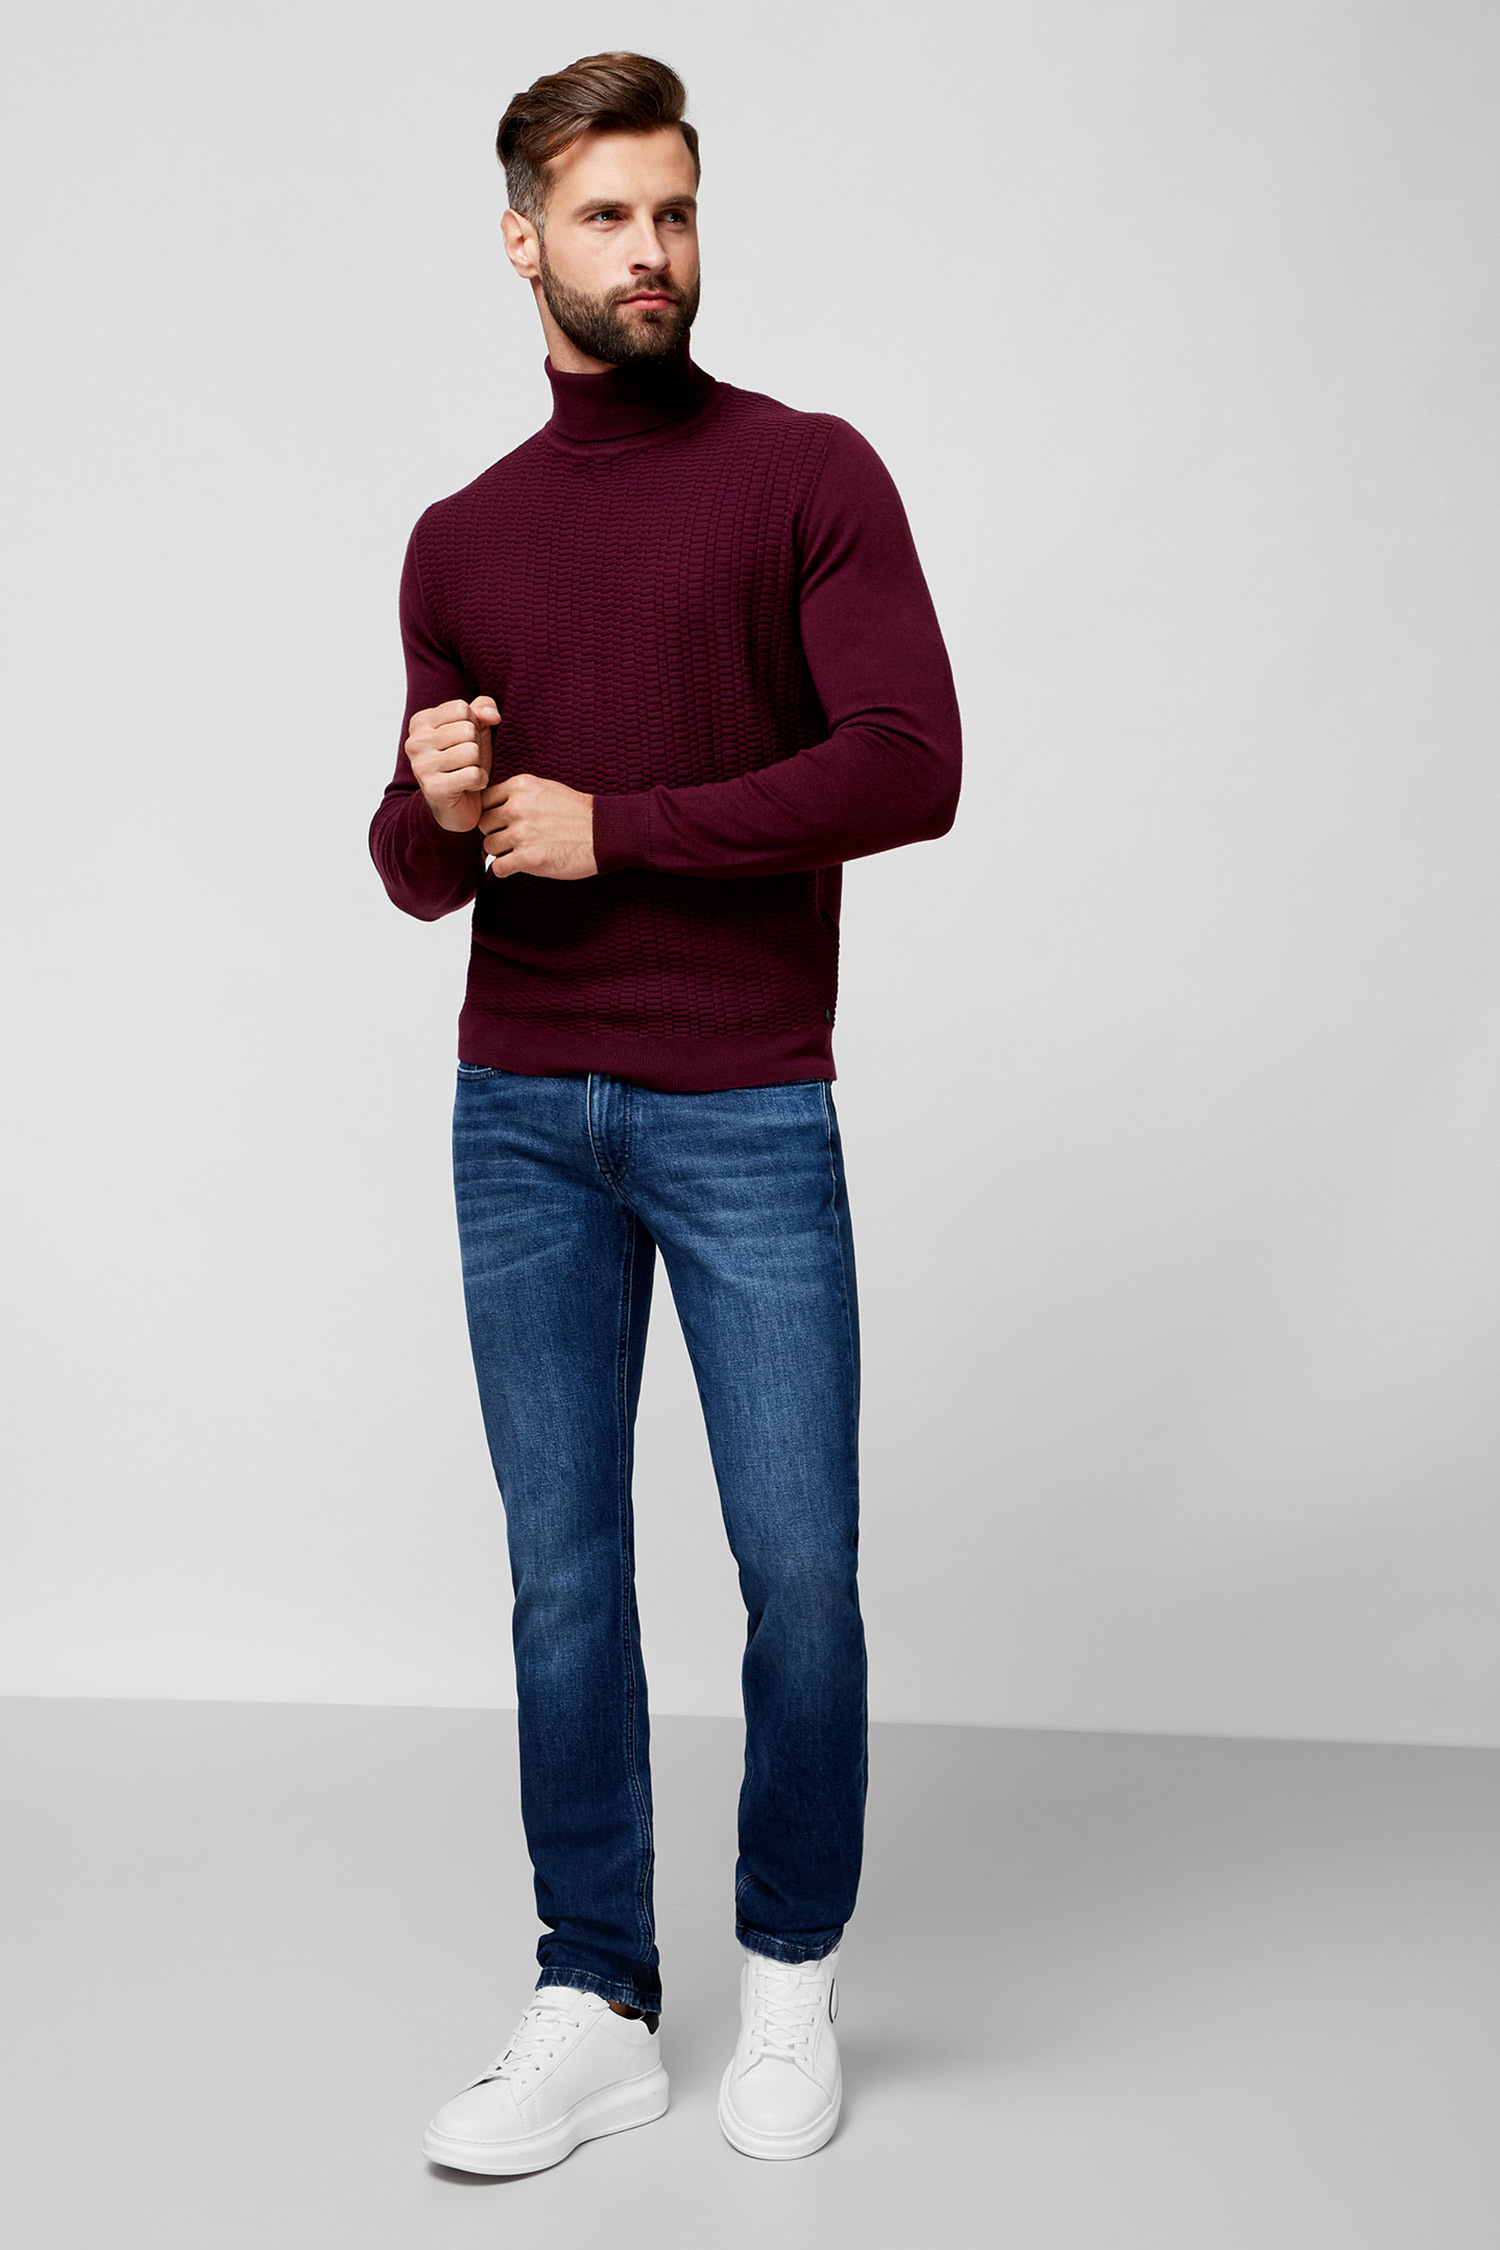 Мужские темно-синие джинсы Karl Lagerfeld 500899.265840;670